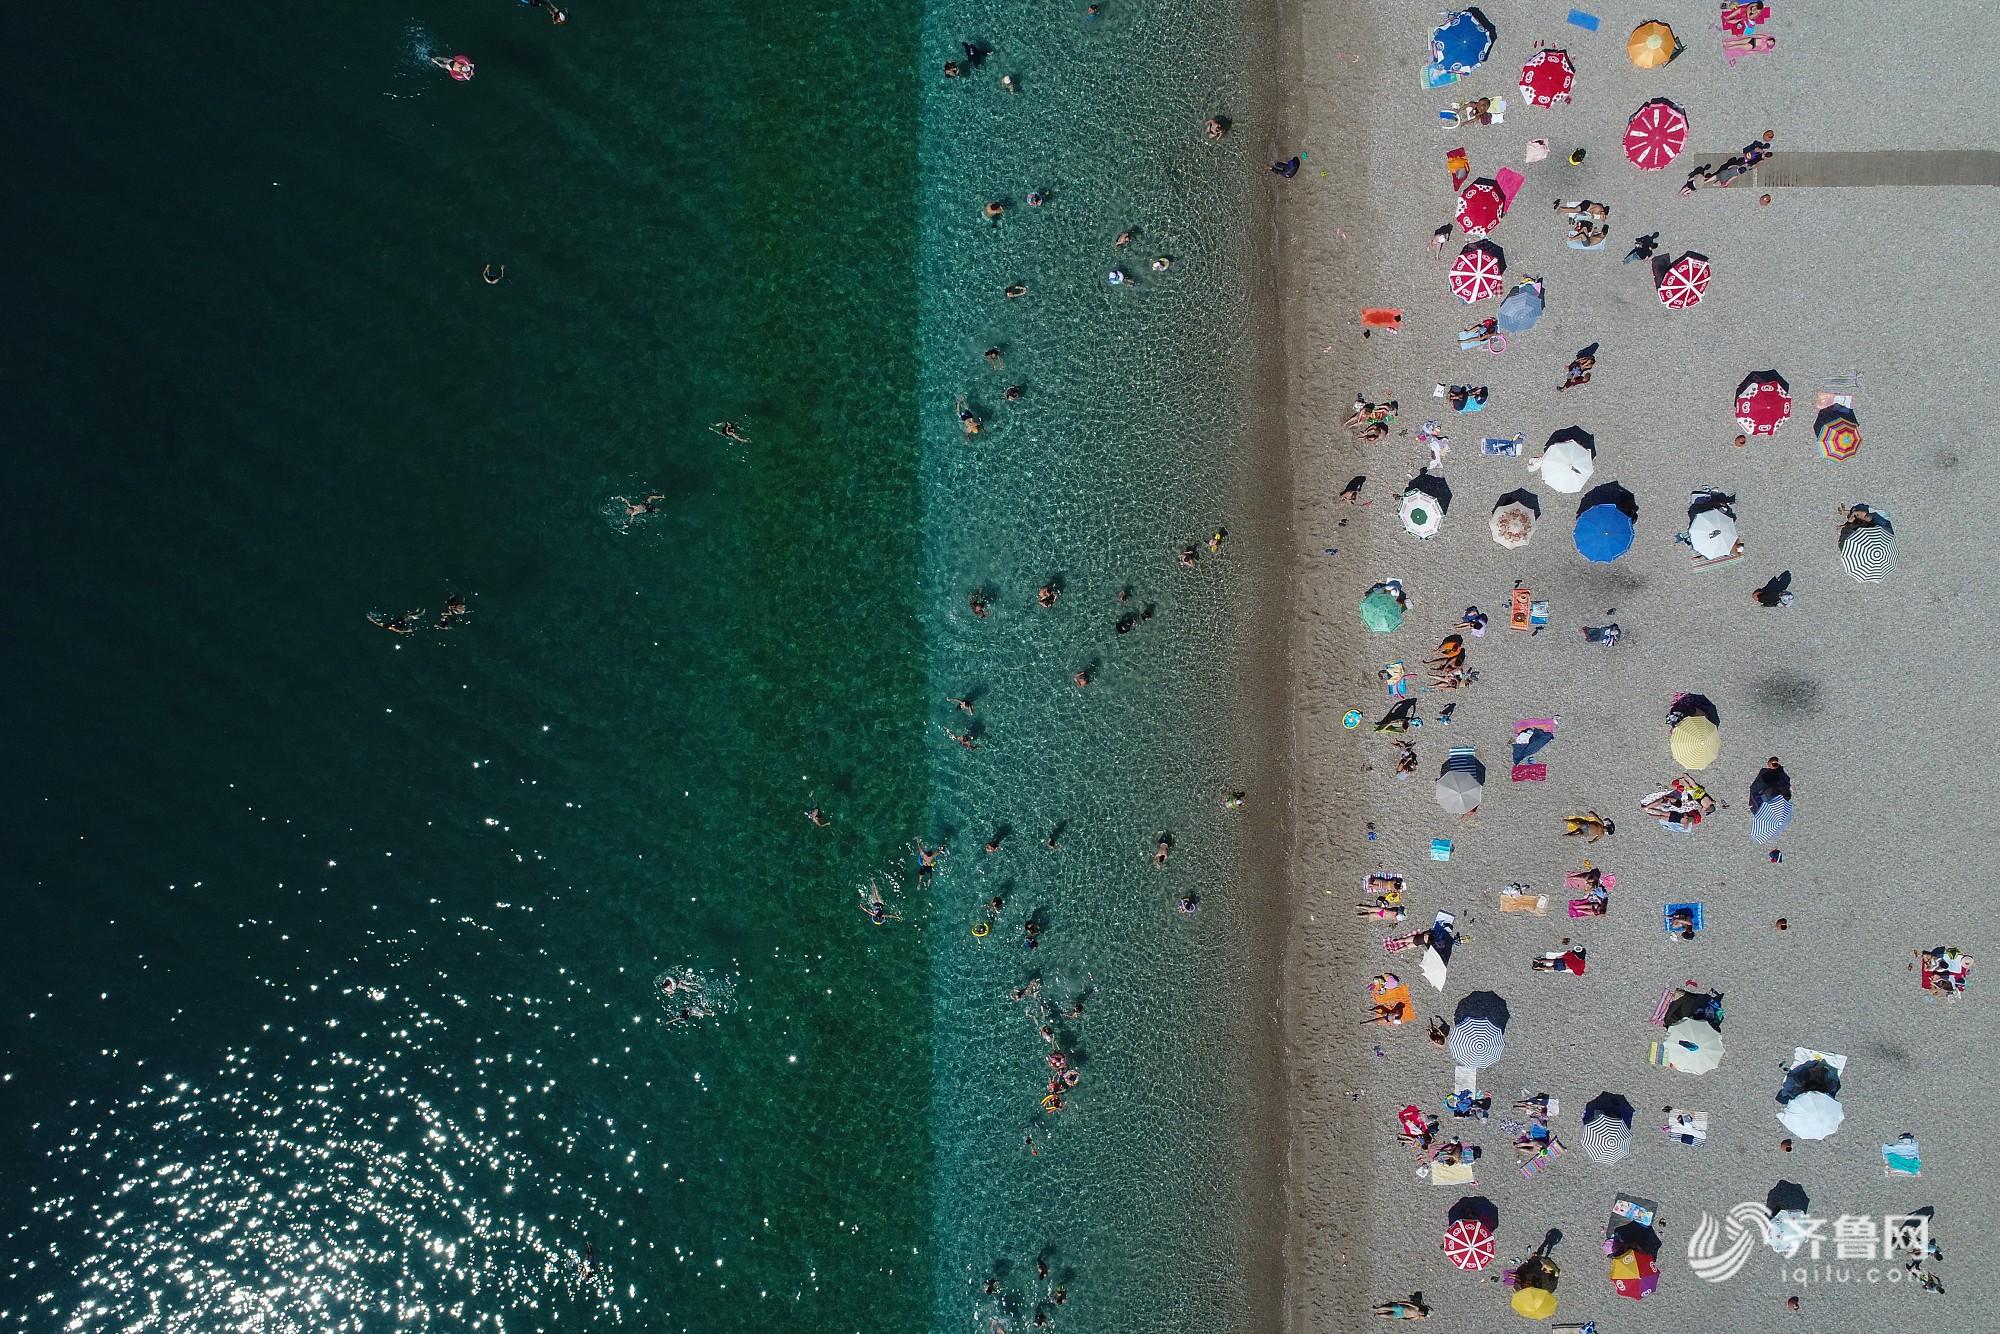 土耳其现42度高温 民众扎堆海滩纳凉